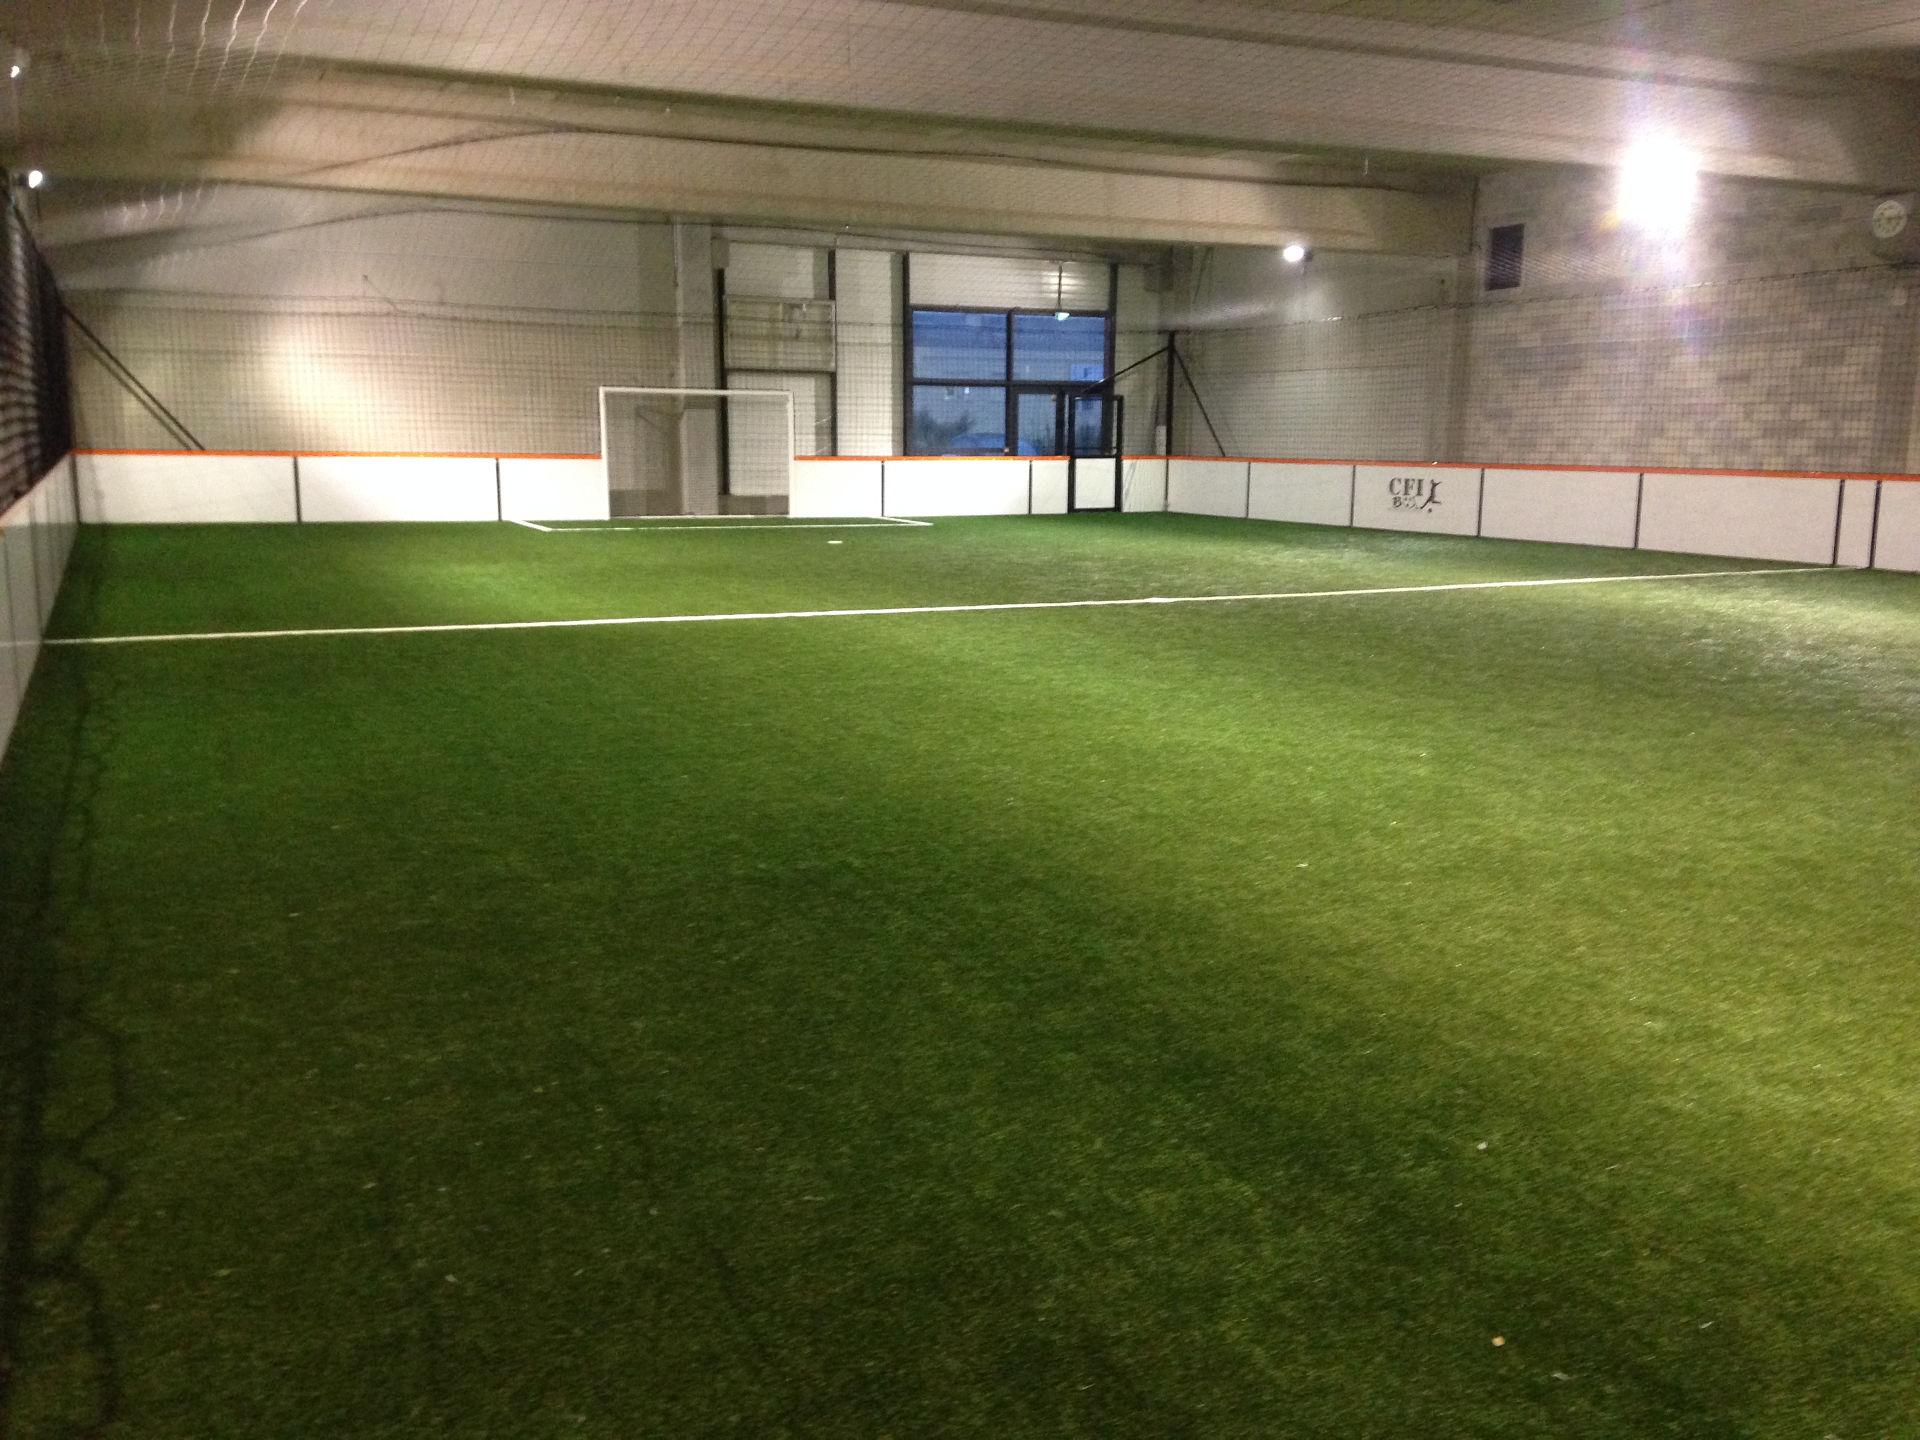 Création d'un terrain de foot en salle